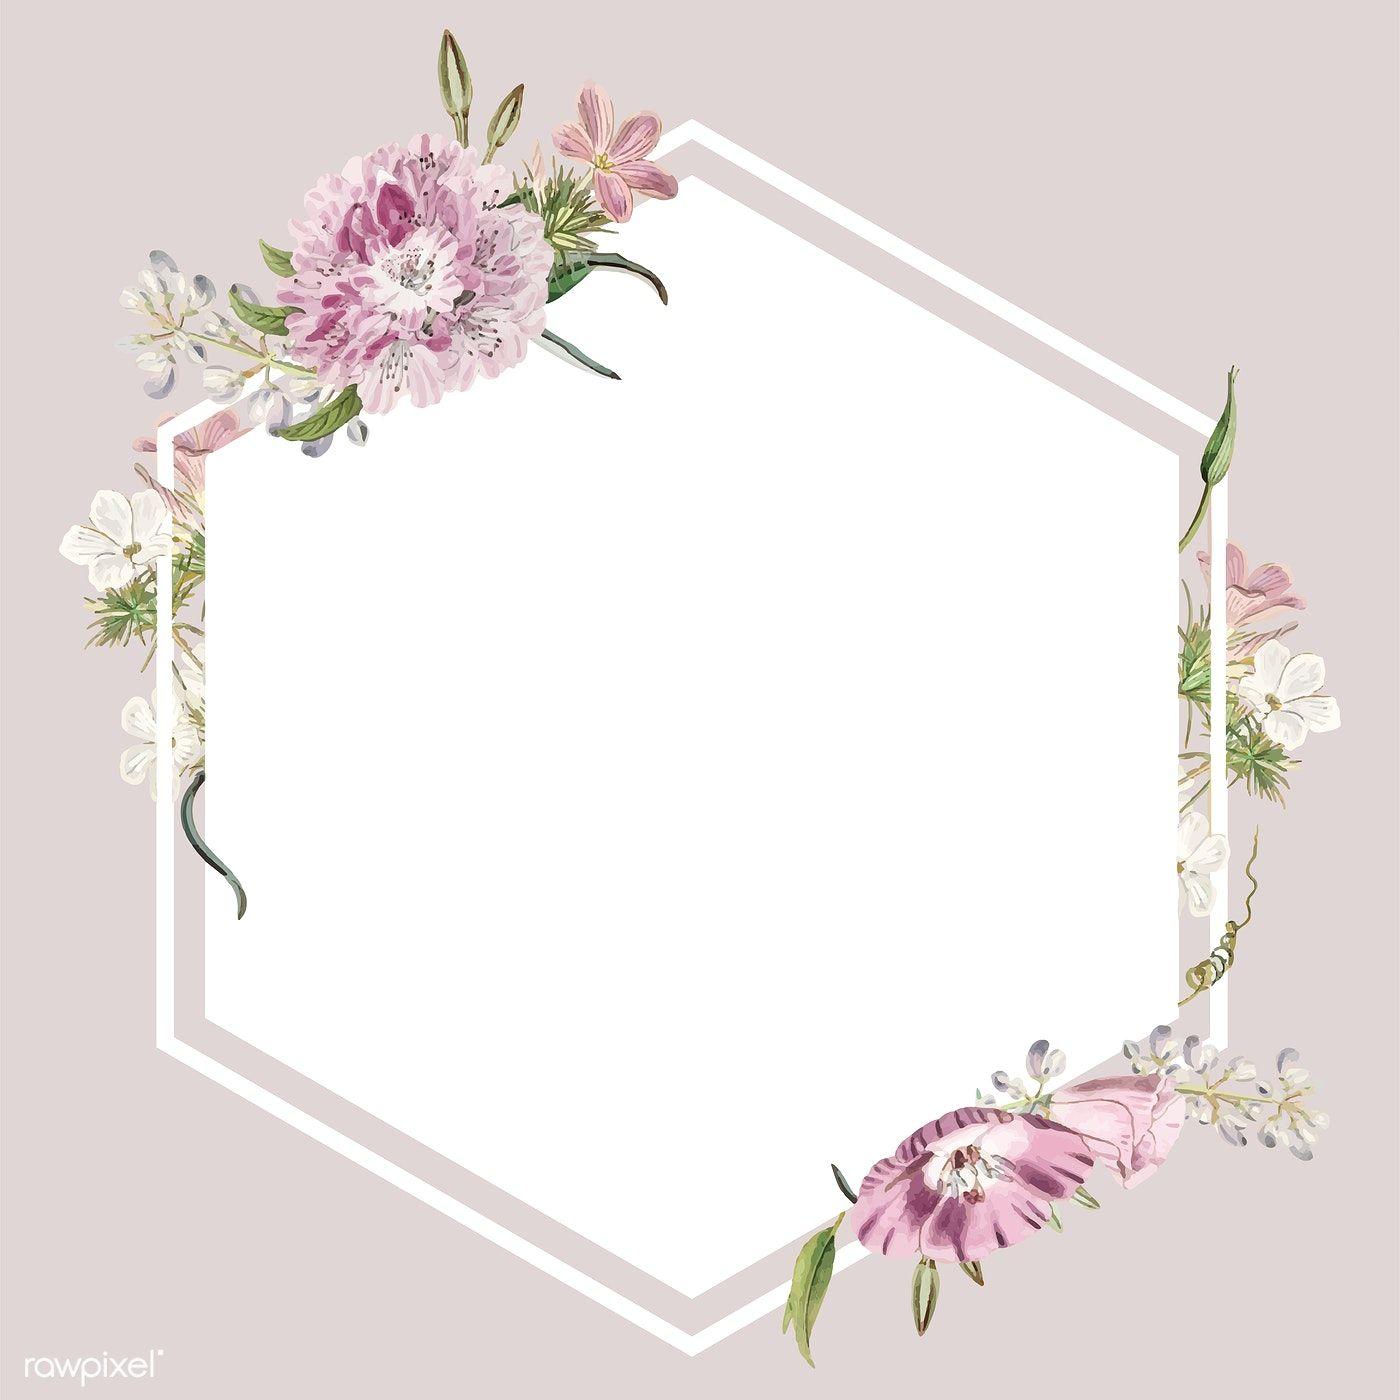 Download Premium Vector Of Colorful Vintage Floral Design Frame 559062 In 2020 Floral Border Design Frame Design Floral Poster